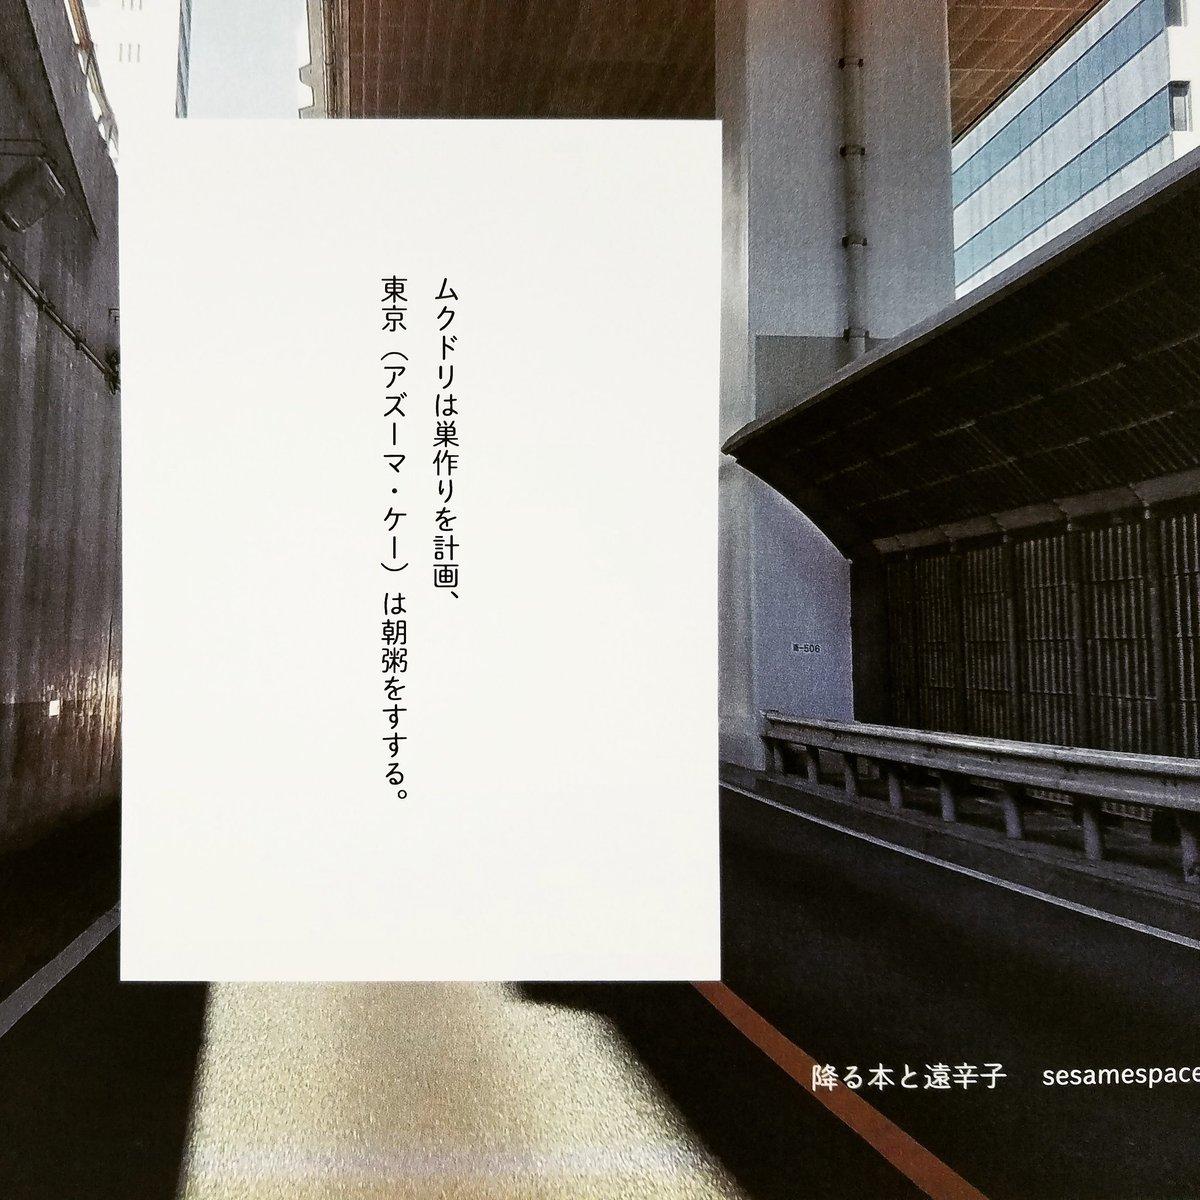 セサミスペース「降る本と遠辛子」 ムクドリは巣作りを計画、東京(アズーマ・ケー)は朝粥をすする。  http//sesamespace.blogspot.com/2018/05/blog,post.html?m\u003d1 \u2026